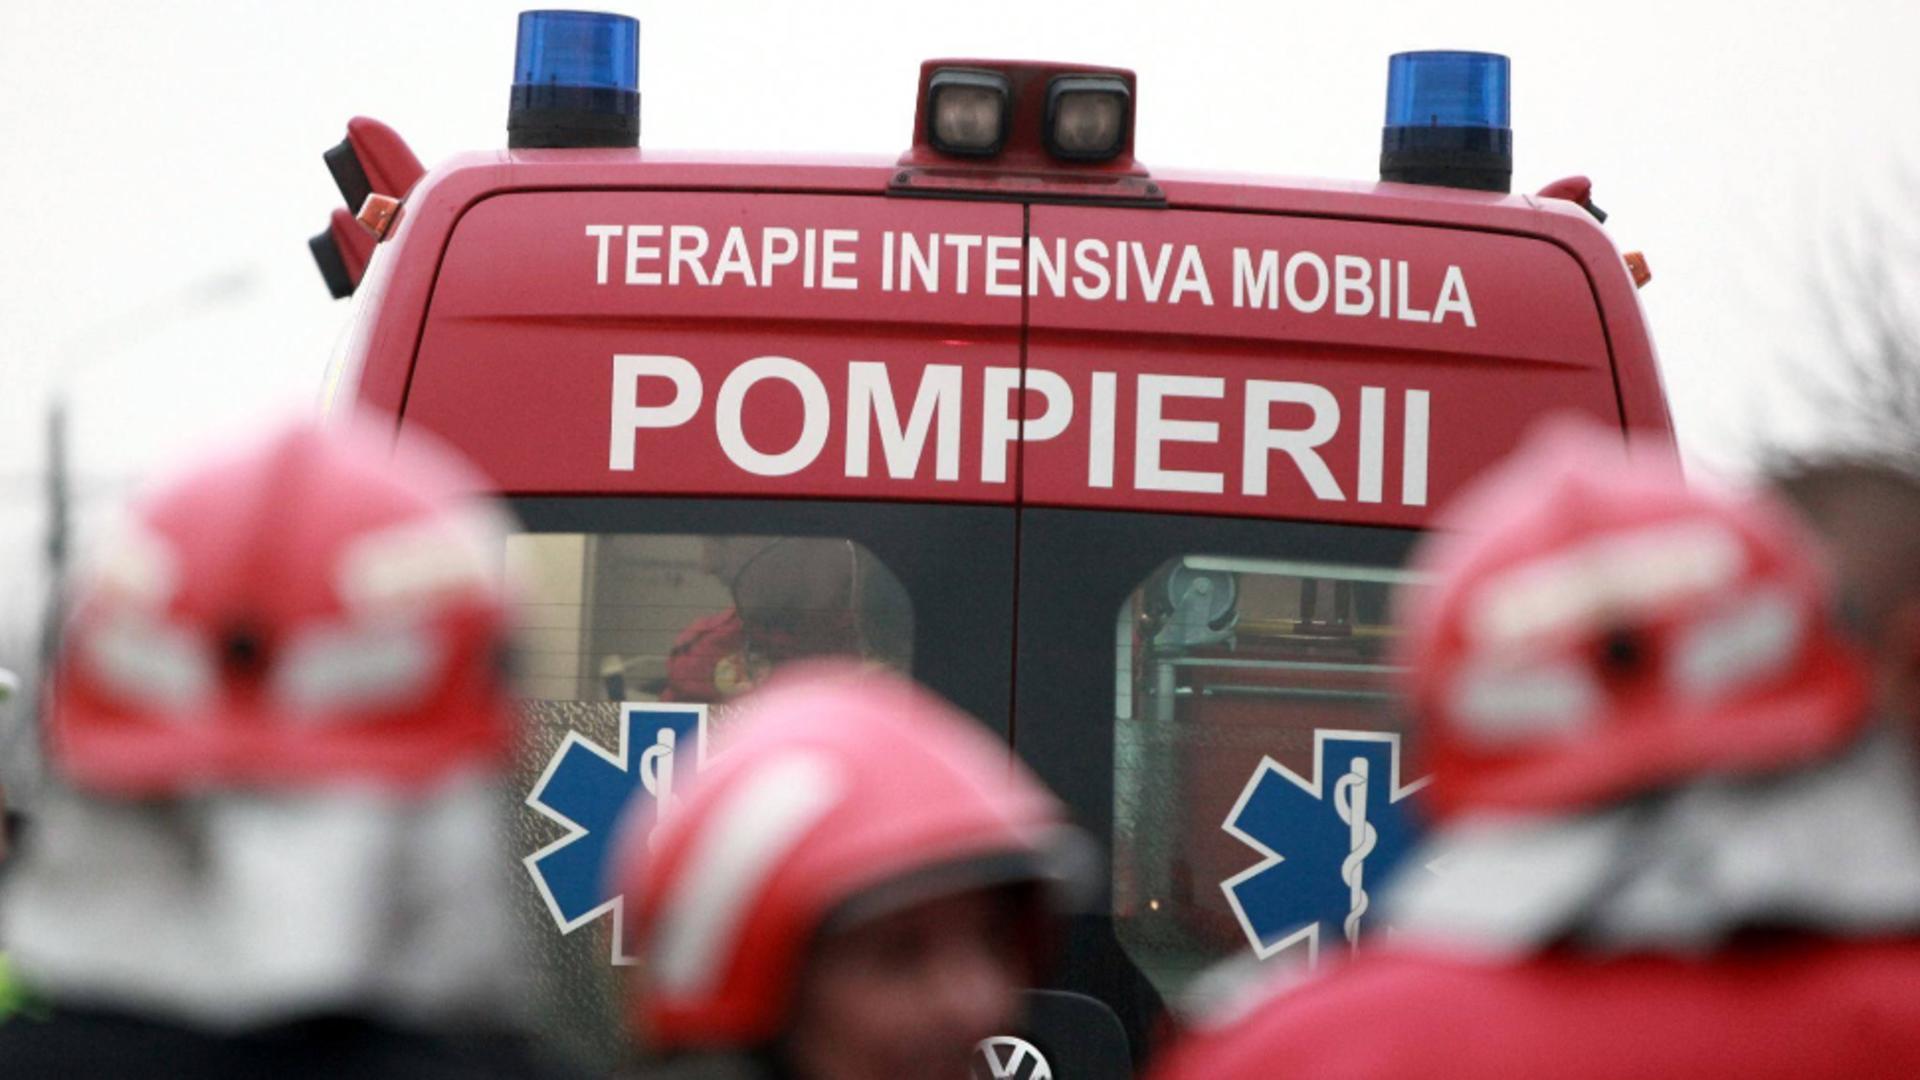 Panică la Spitalul Călinești: zeci de pacienți evacuați - degajare mare de fum